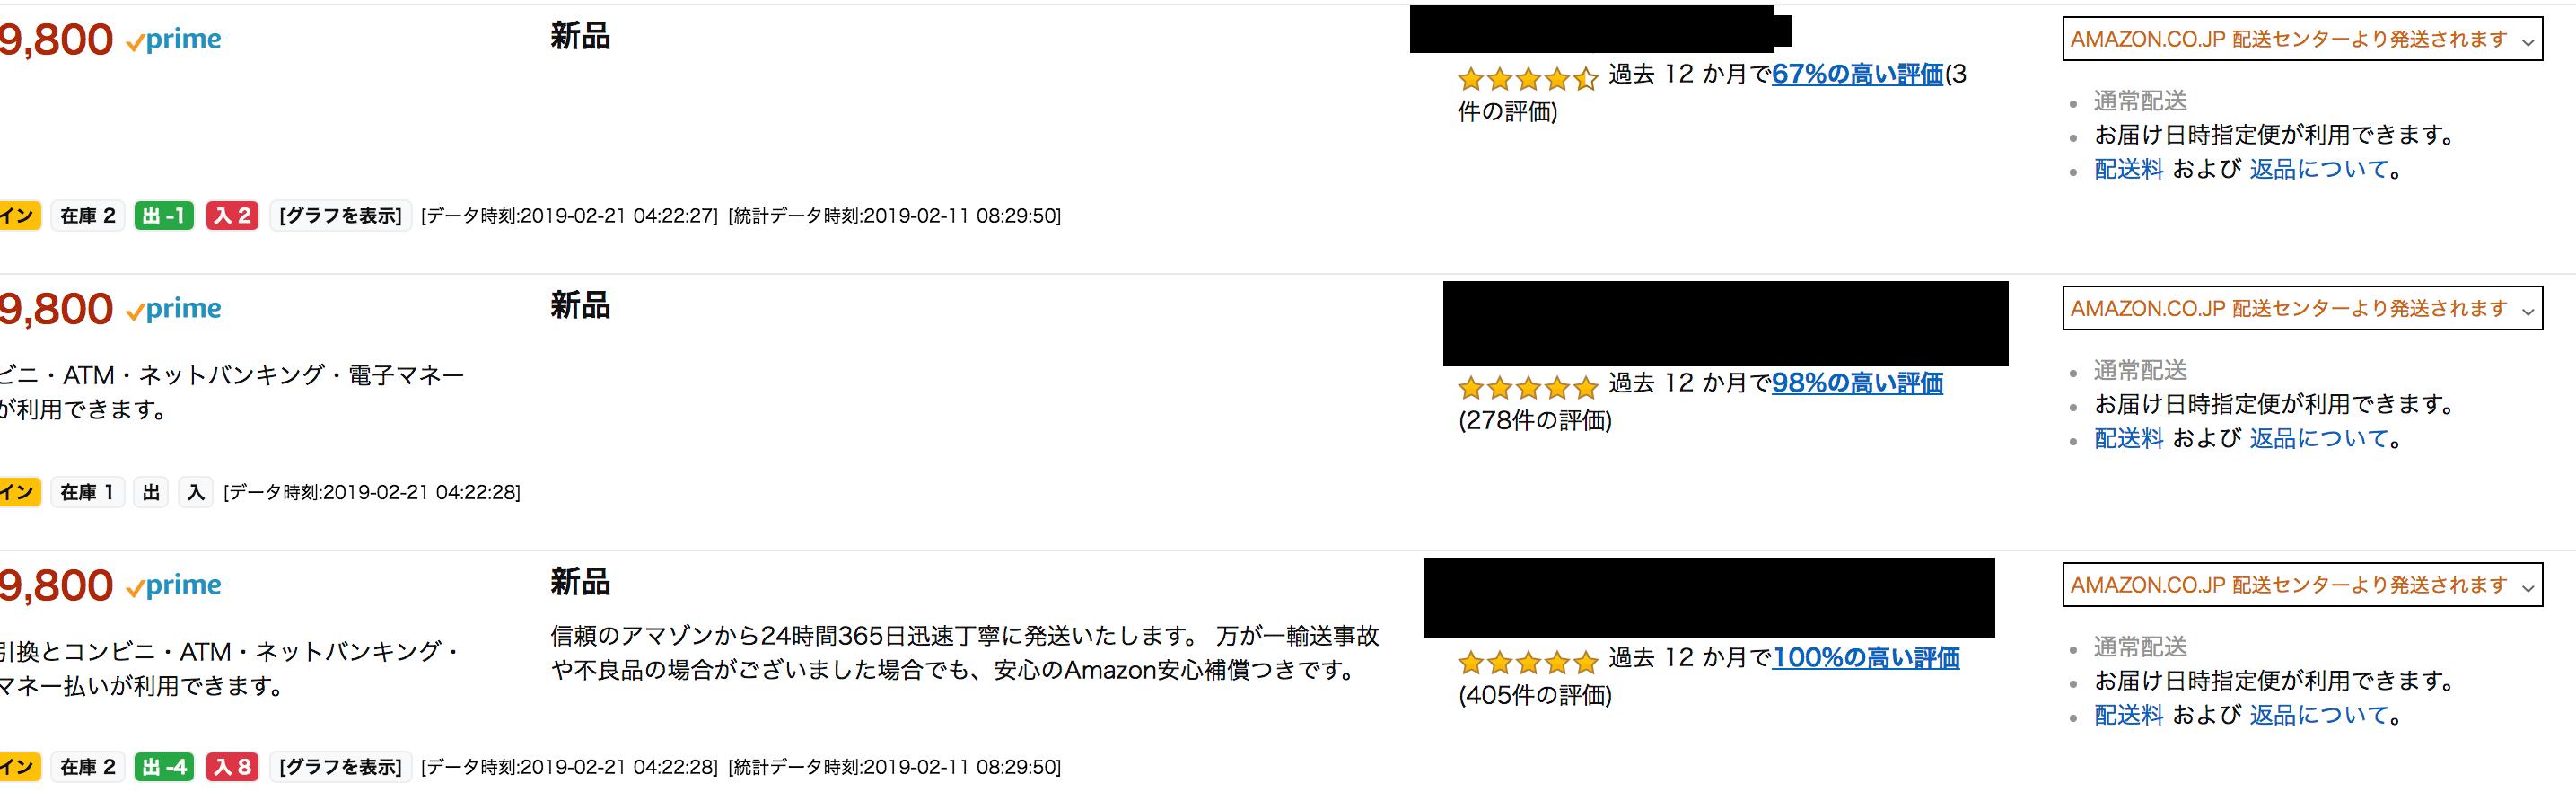 Amazon 評価 削除 アマゾン